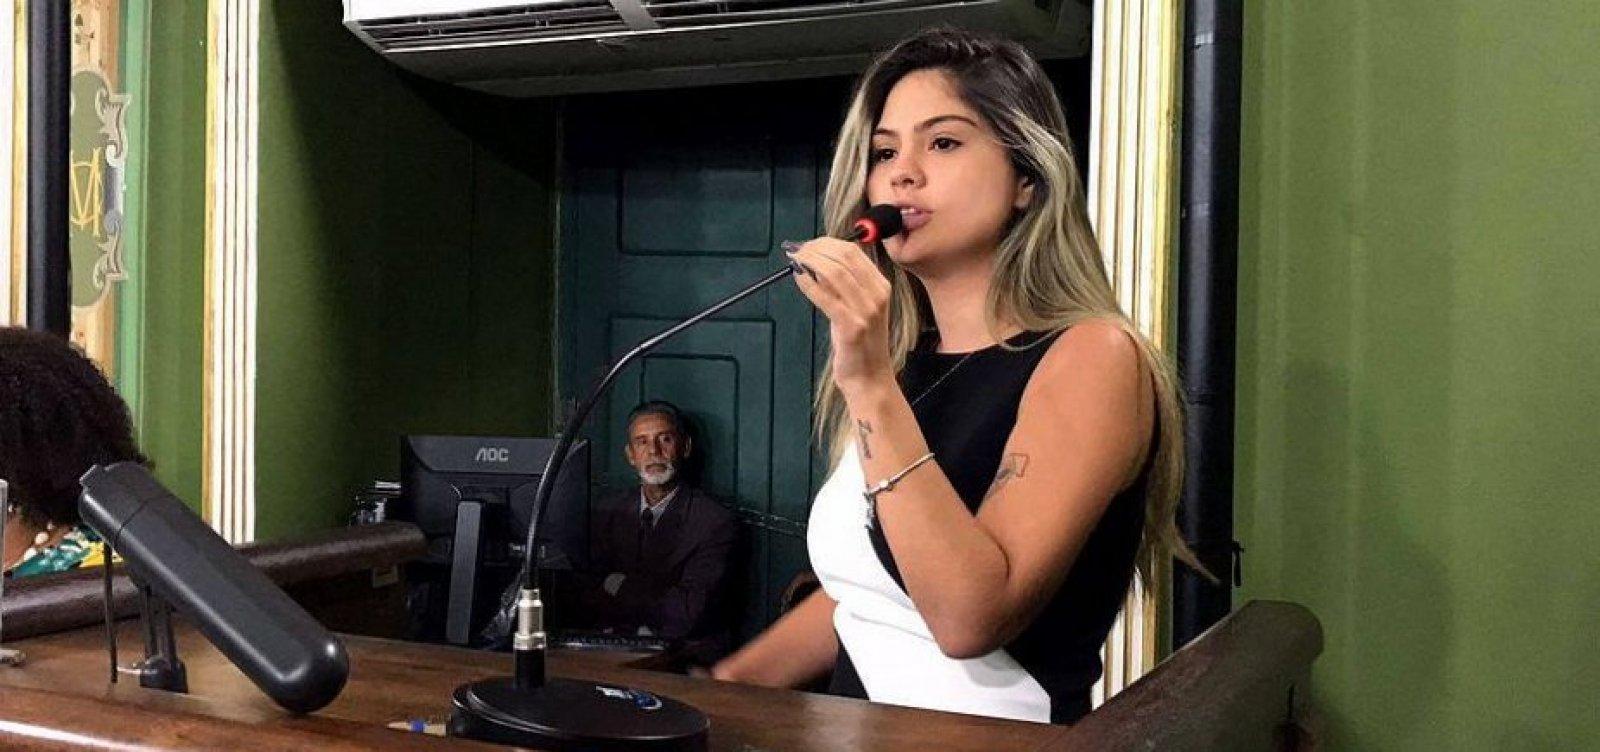 Membros de religiões de matriz africana entram com representação no MP contra Marcelle Moraes